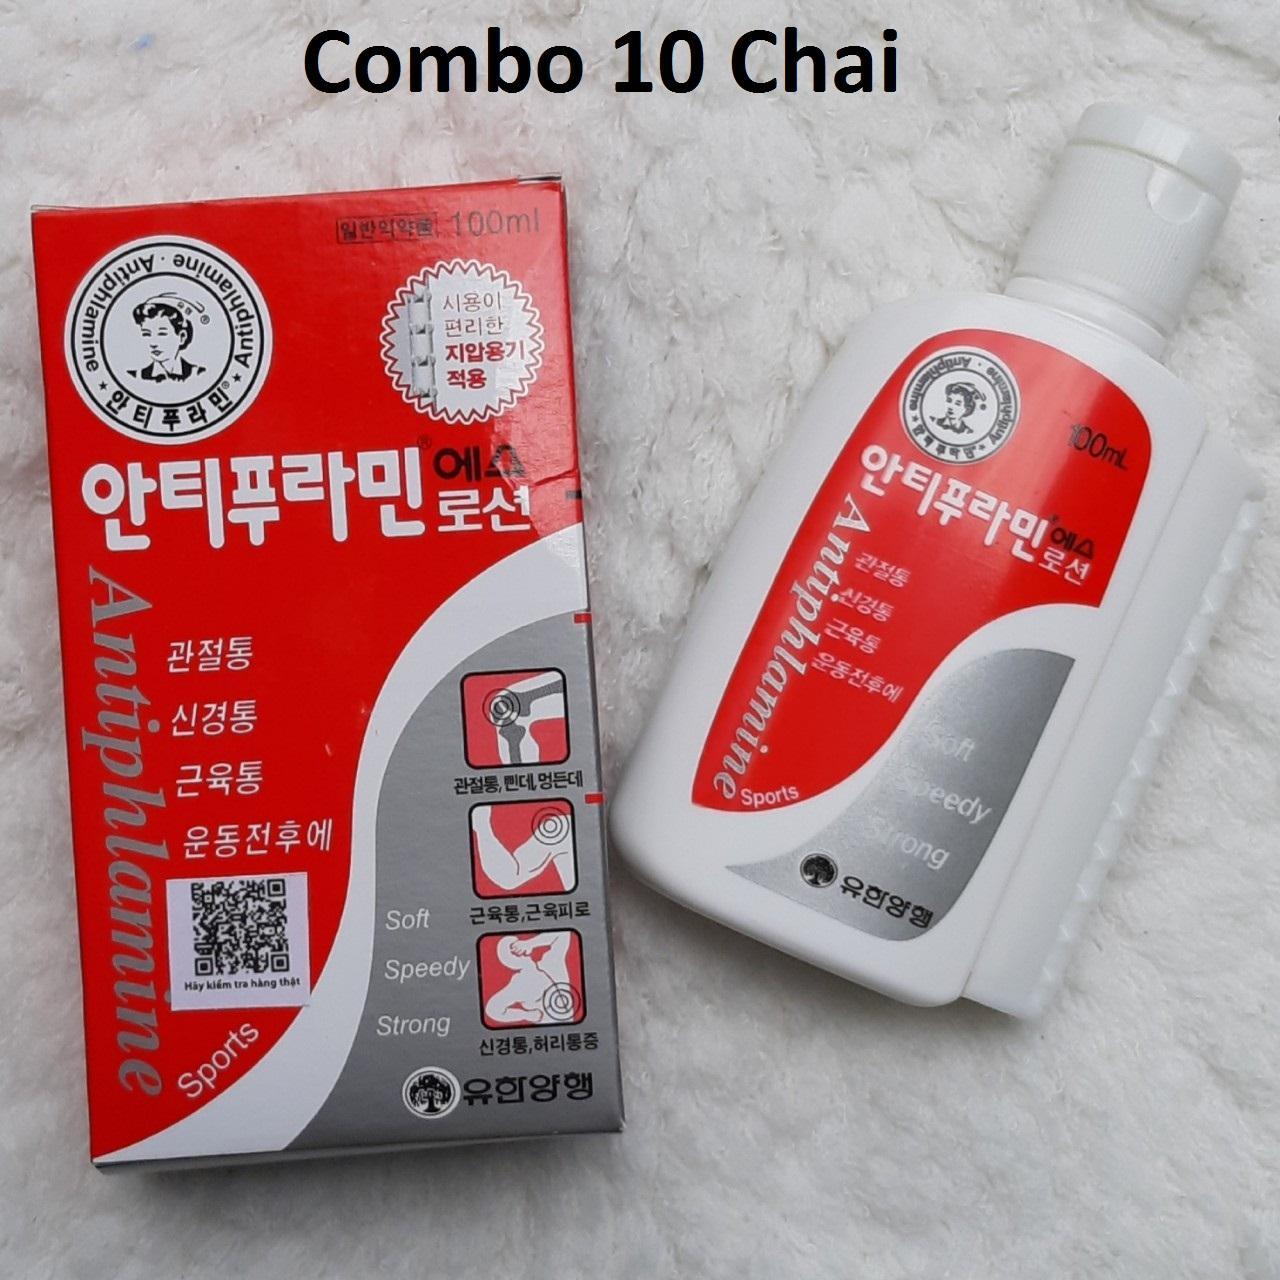 10 Chai Dầu nóng Hàn Quốc Antiphlamine - Xoa bóp nhức mỏi 100ml